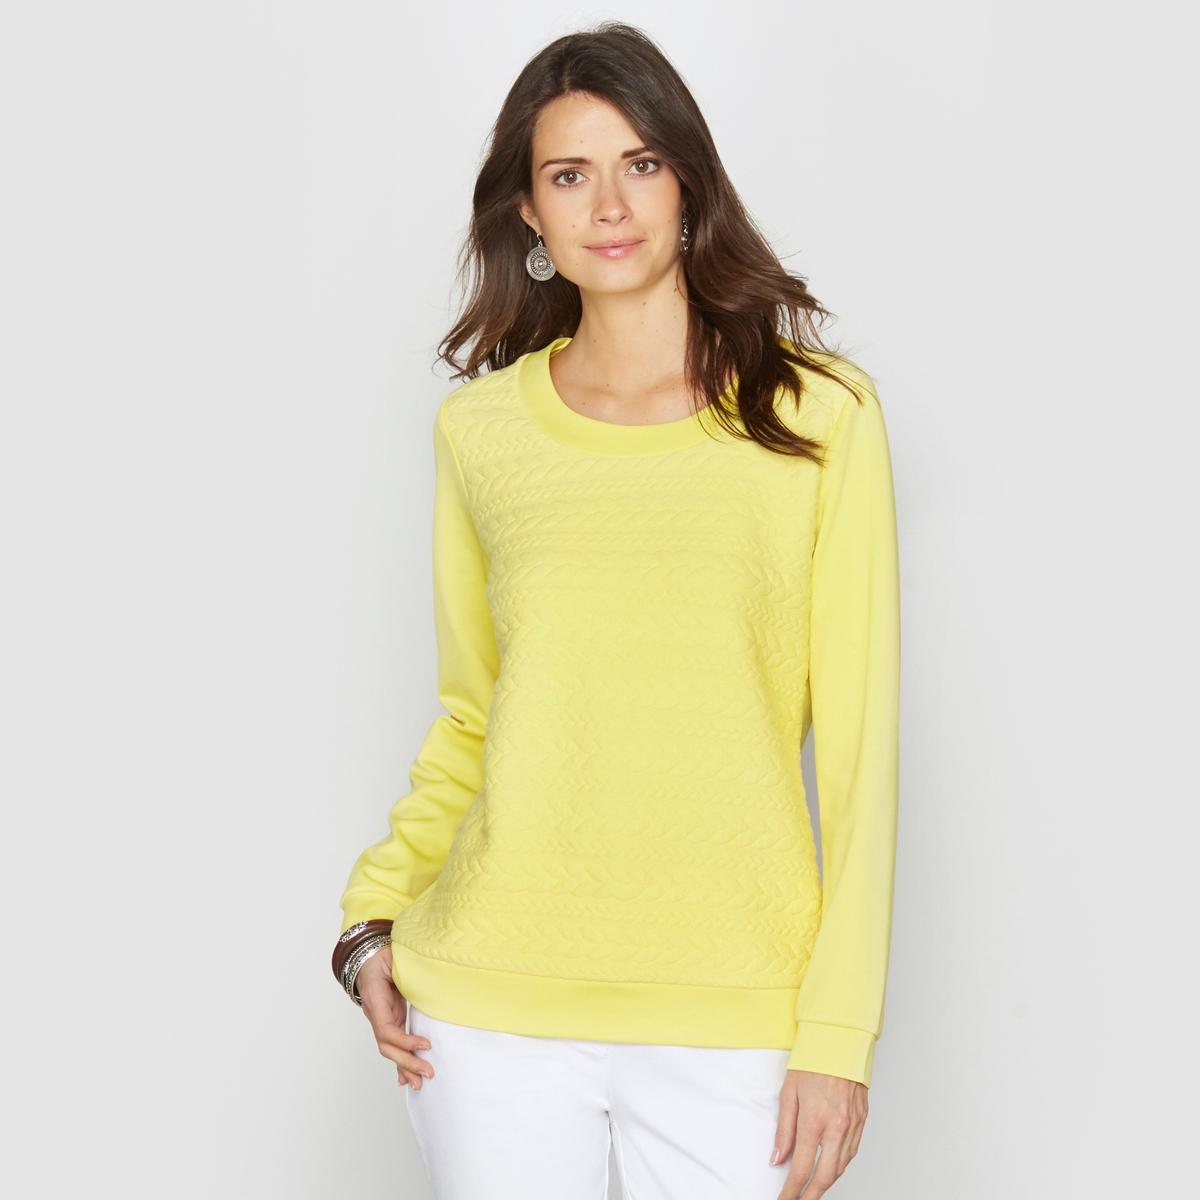 Свитшот из рифленого трикотажаСвитшот из красивого фантазийного трикотажа с рифленой поверхностью спереди. Однотонная спинка . Круглый вырез. Длинные рукава . Длина. 62 см. 97% полиэстера, 3% эластана.<br><br>Цвет: желтый<br>Размер: 46/48 (FR) - 52/54 (RUS)